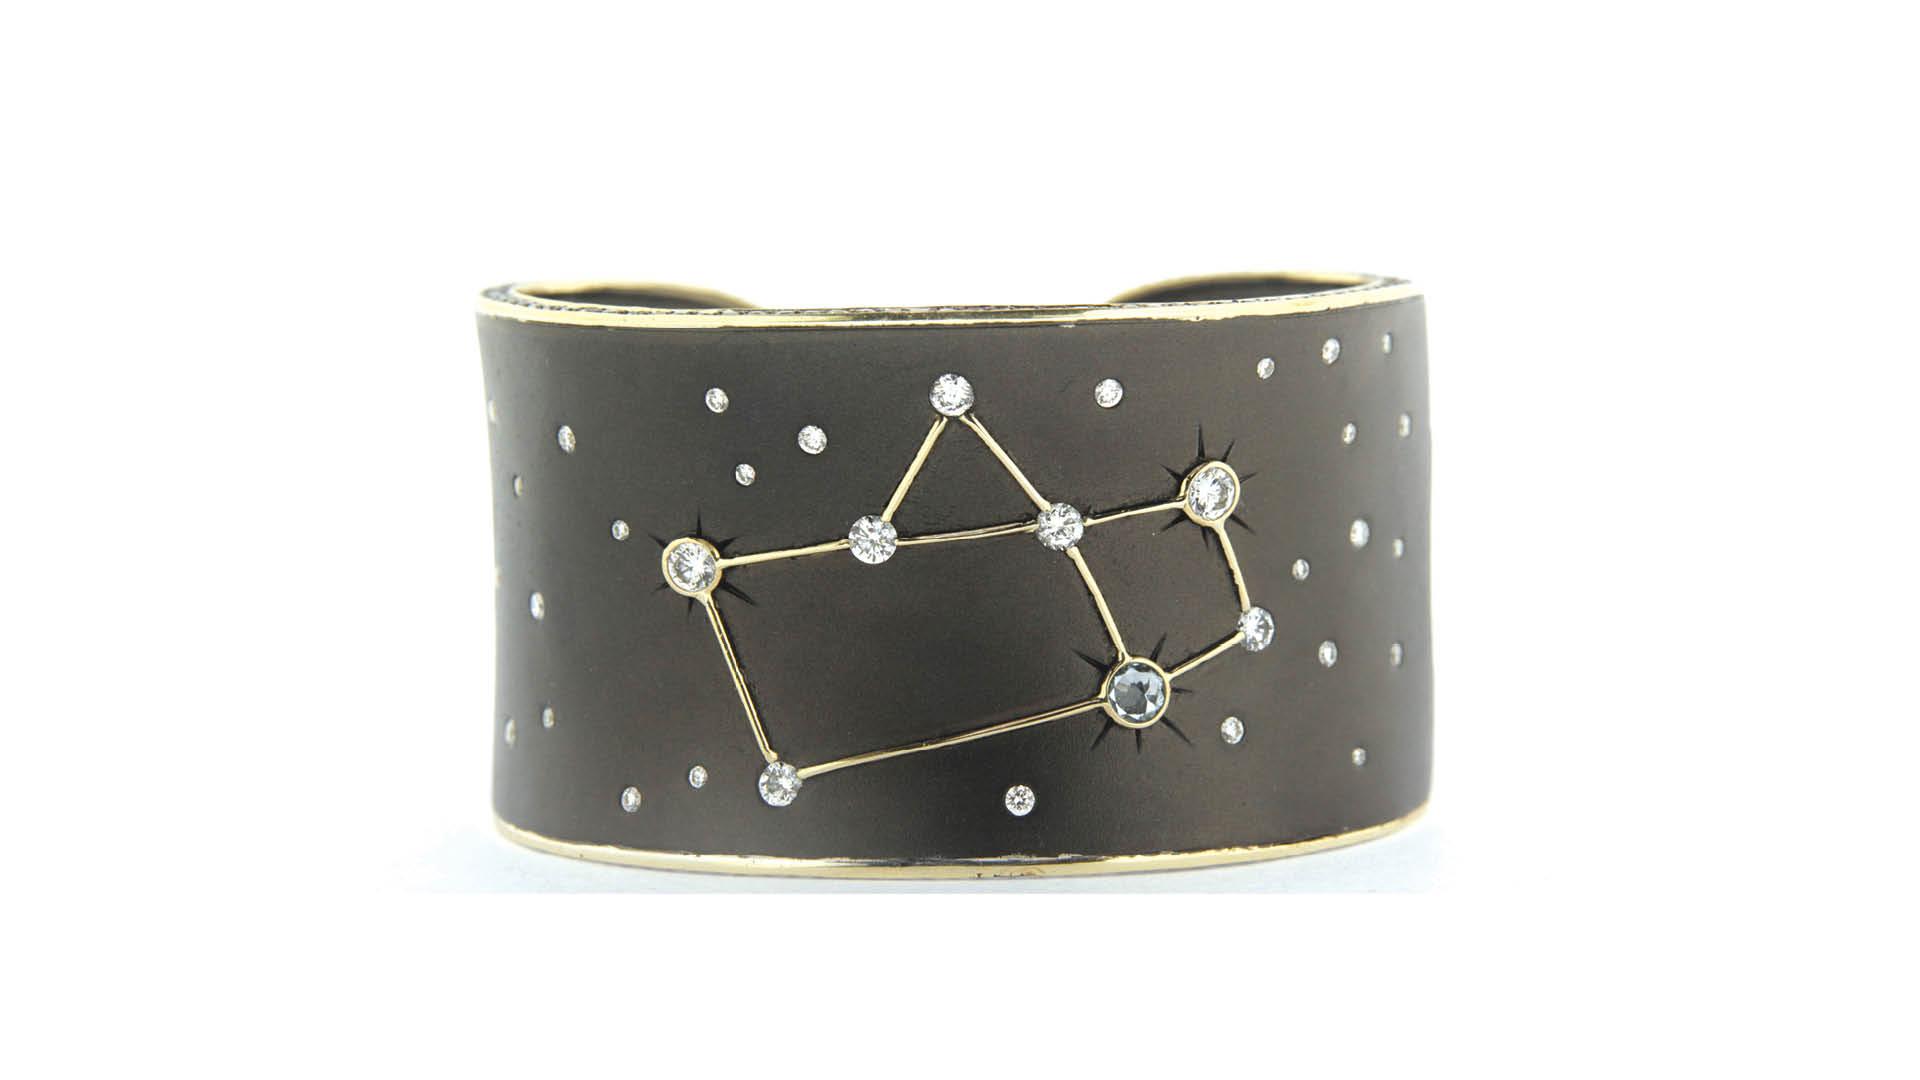 Payal-Constellation-Cuff-Moda-Operandi